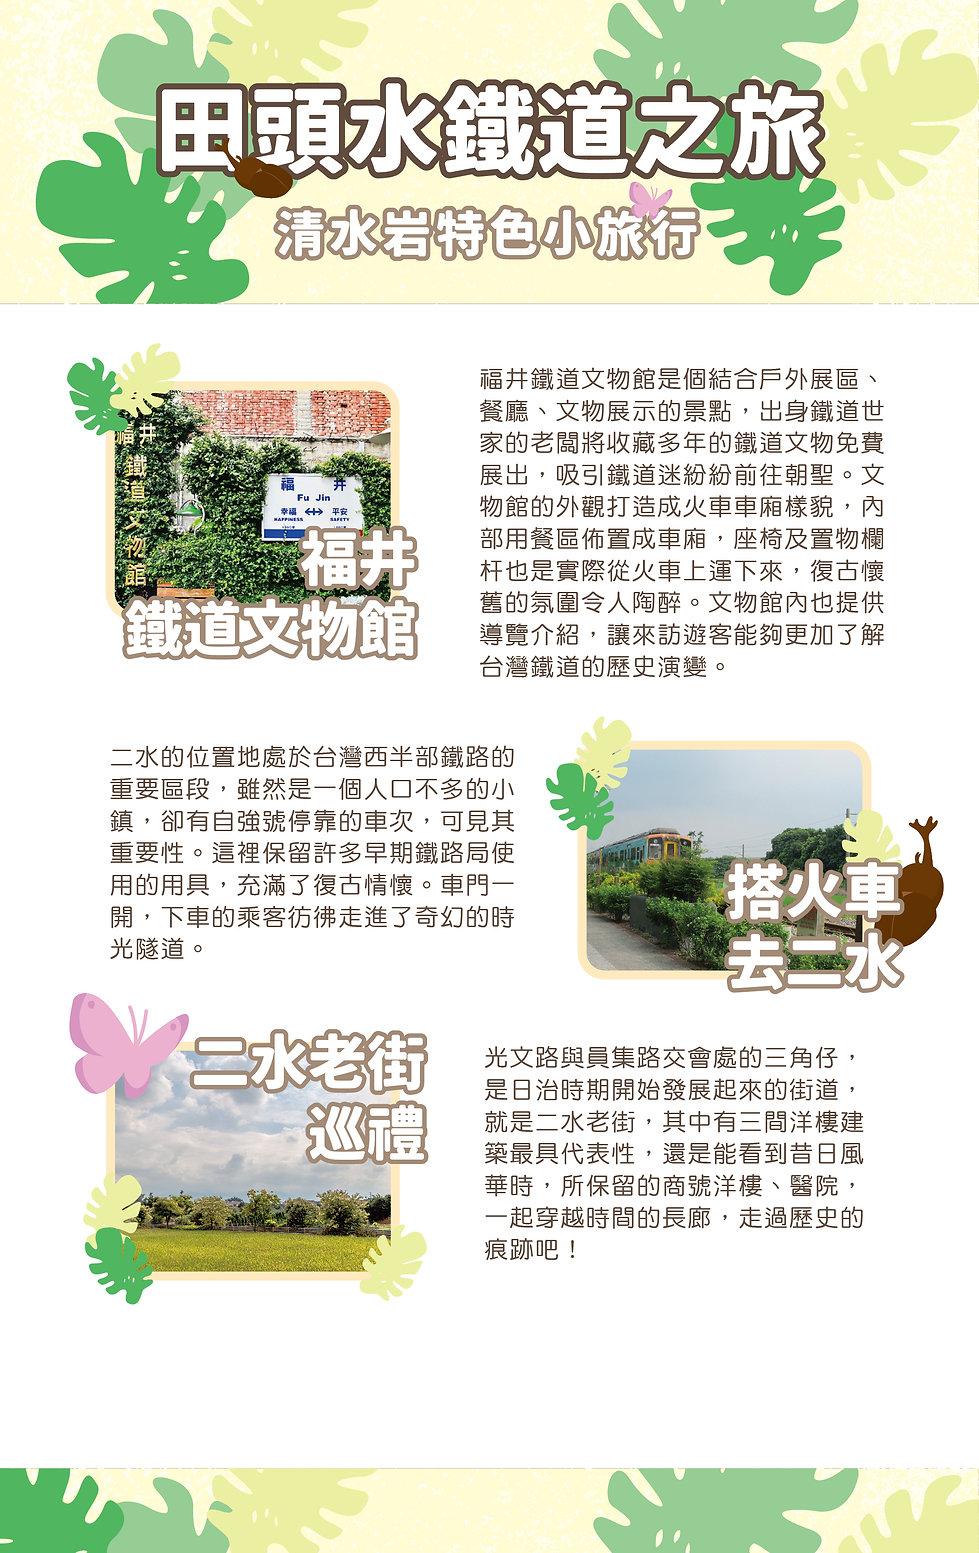 清水岩-1蟲林探險-06.jpg